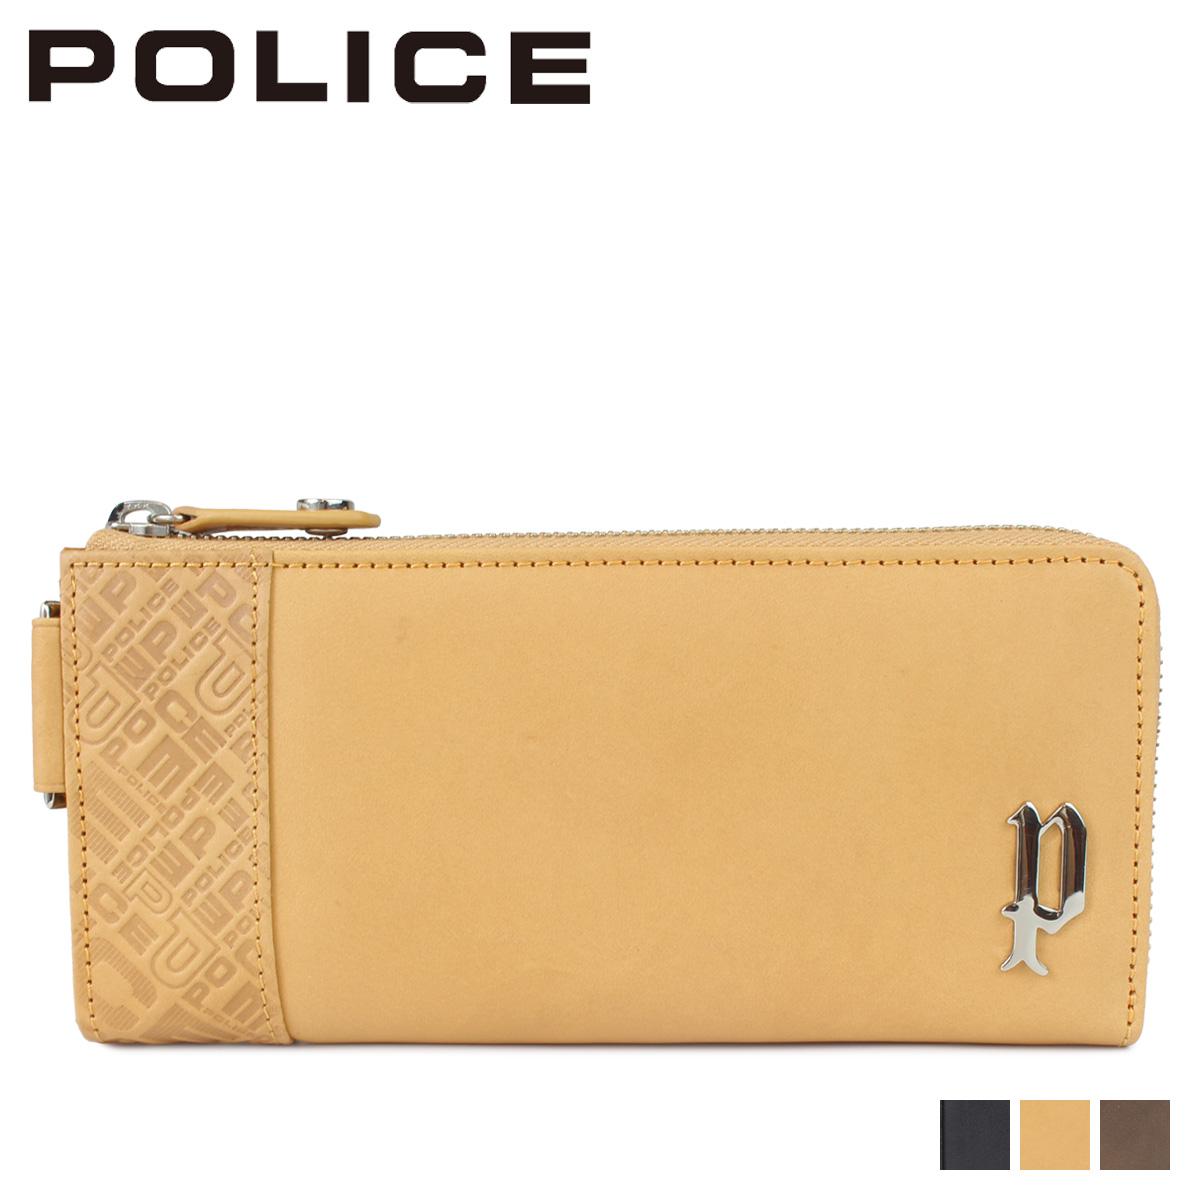 POLICE ポリス 財布 長財布 メンズ L字ファスナー レザー CIRCUIT LONG WALLET ブラック グレー キャメル 黒 PA-6103